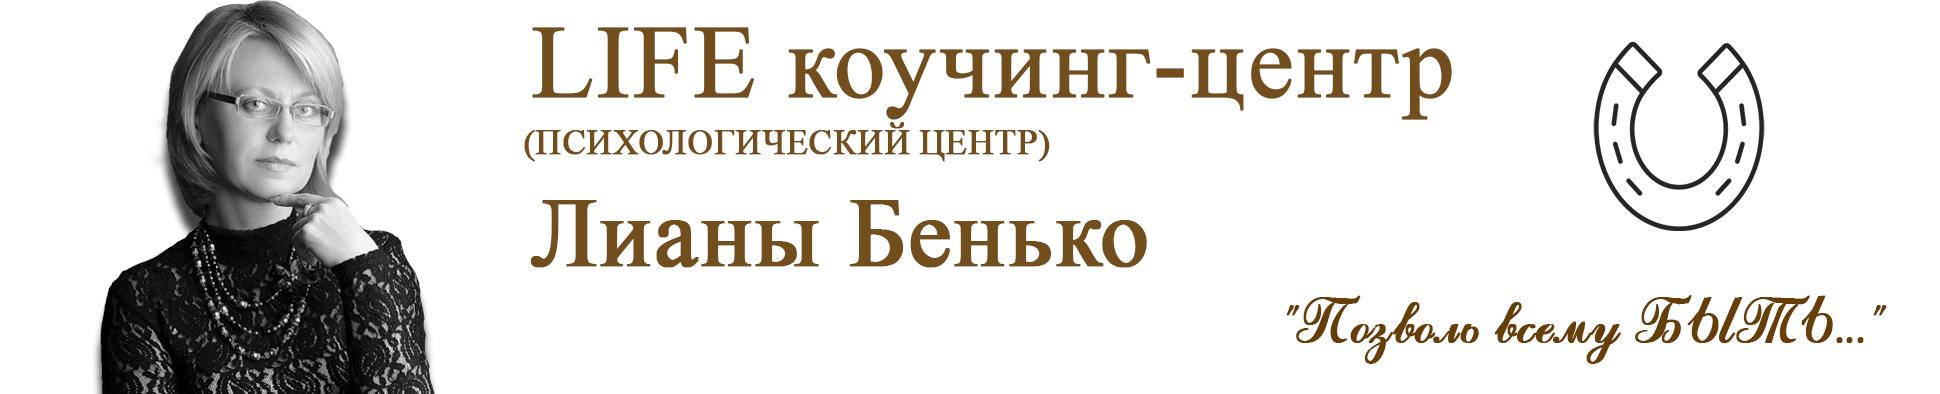 LIFE коучинг-центр Лианы Бенько